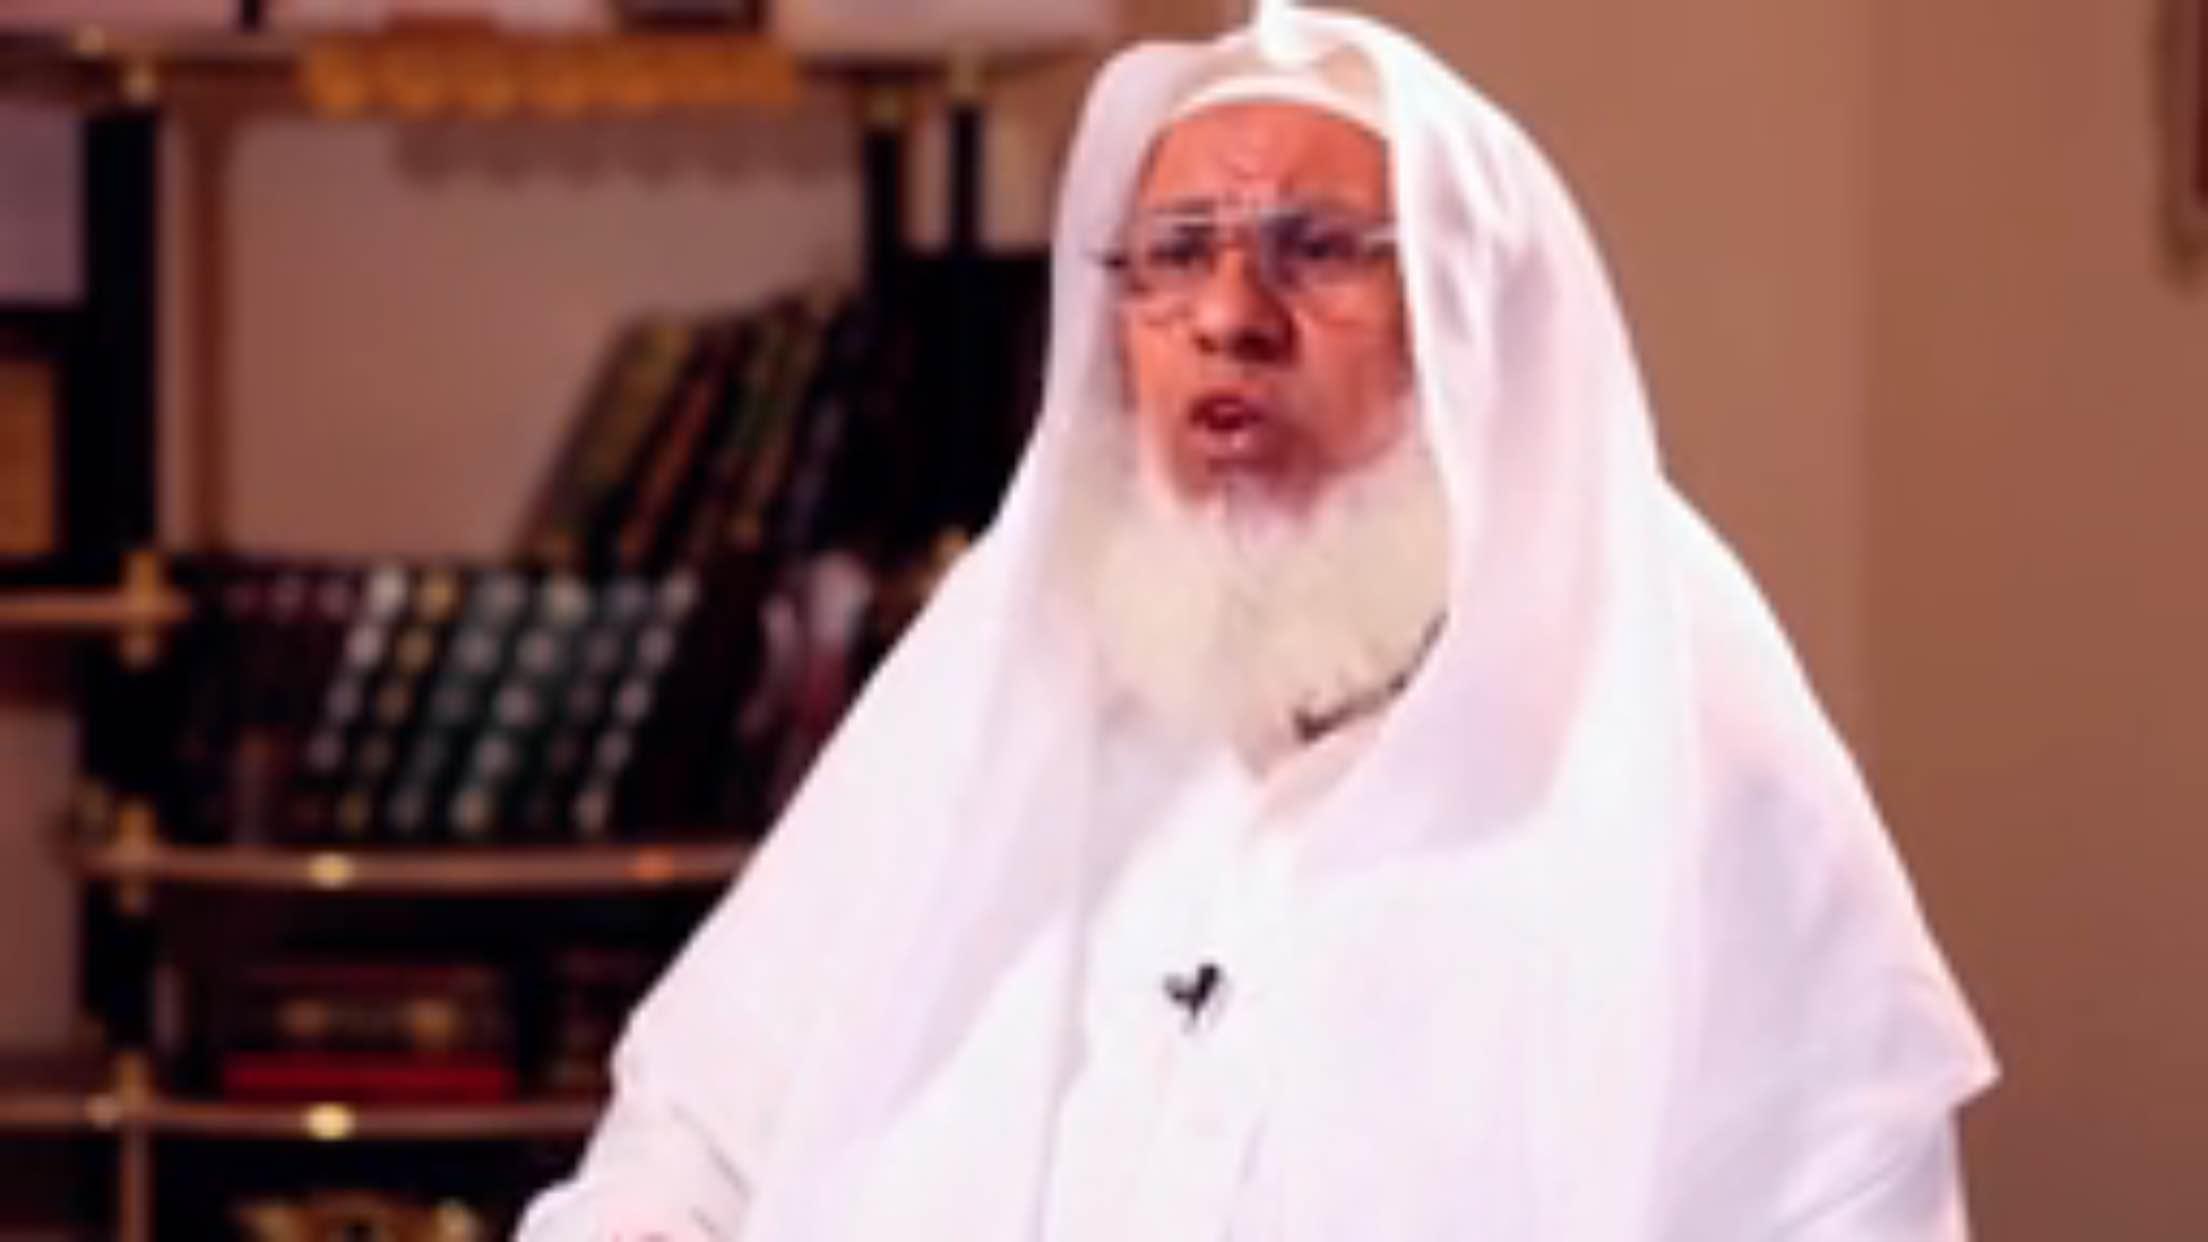 شيخ قبيلة الوهابة الشيخ عبدالله بن سالم